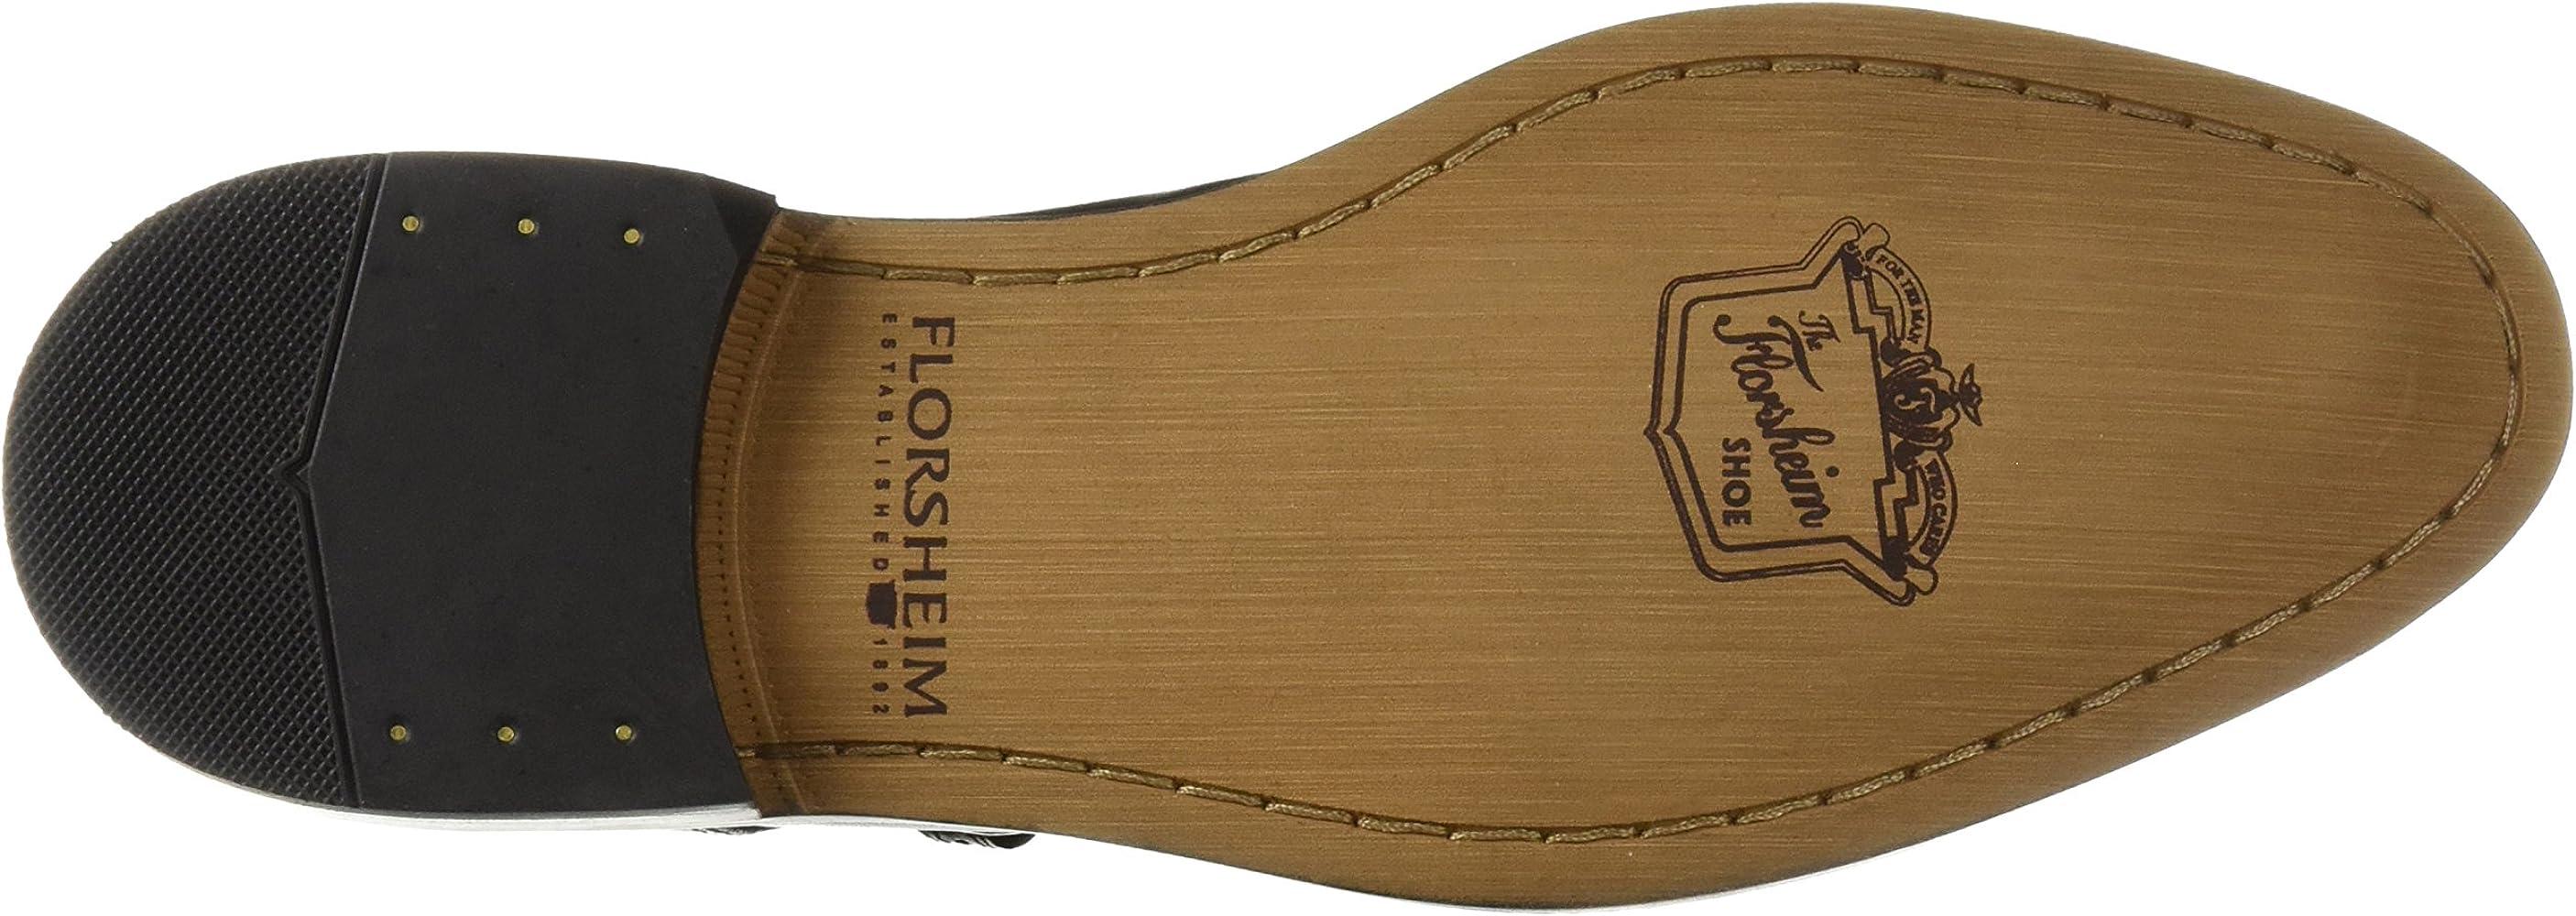 Men/'s Size 12 D Brown//Tan Details about  /Florsheim Montinaro Double Monk Strap 11750 Oxfords